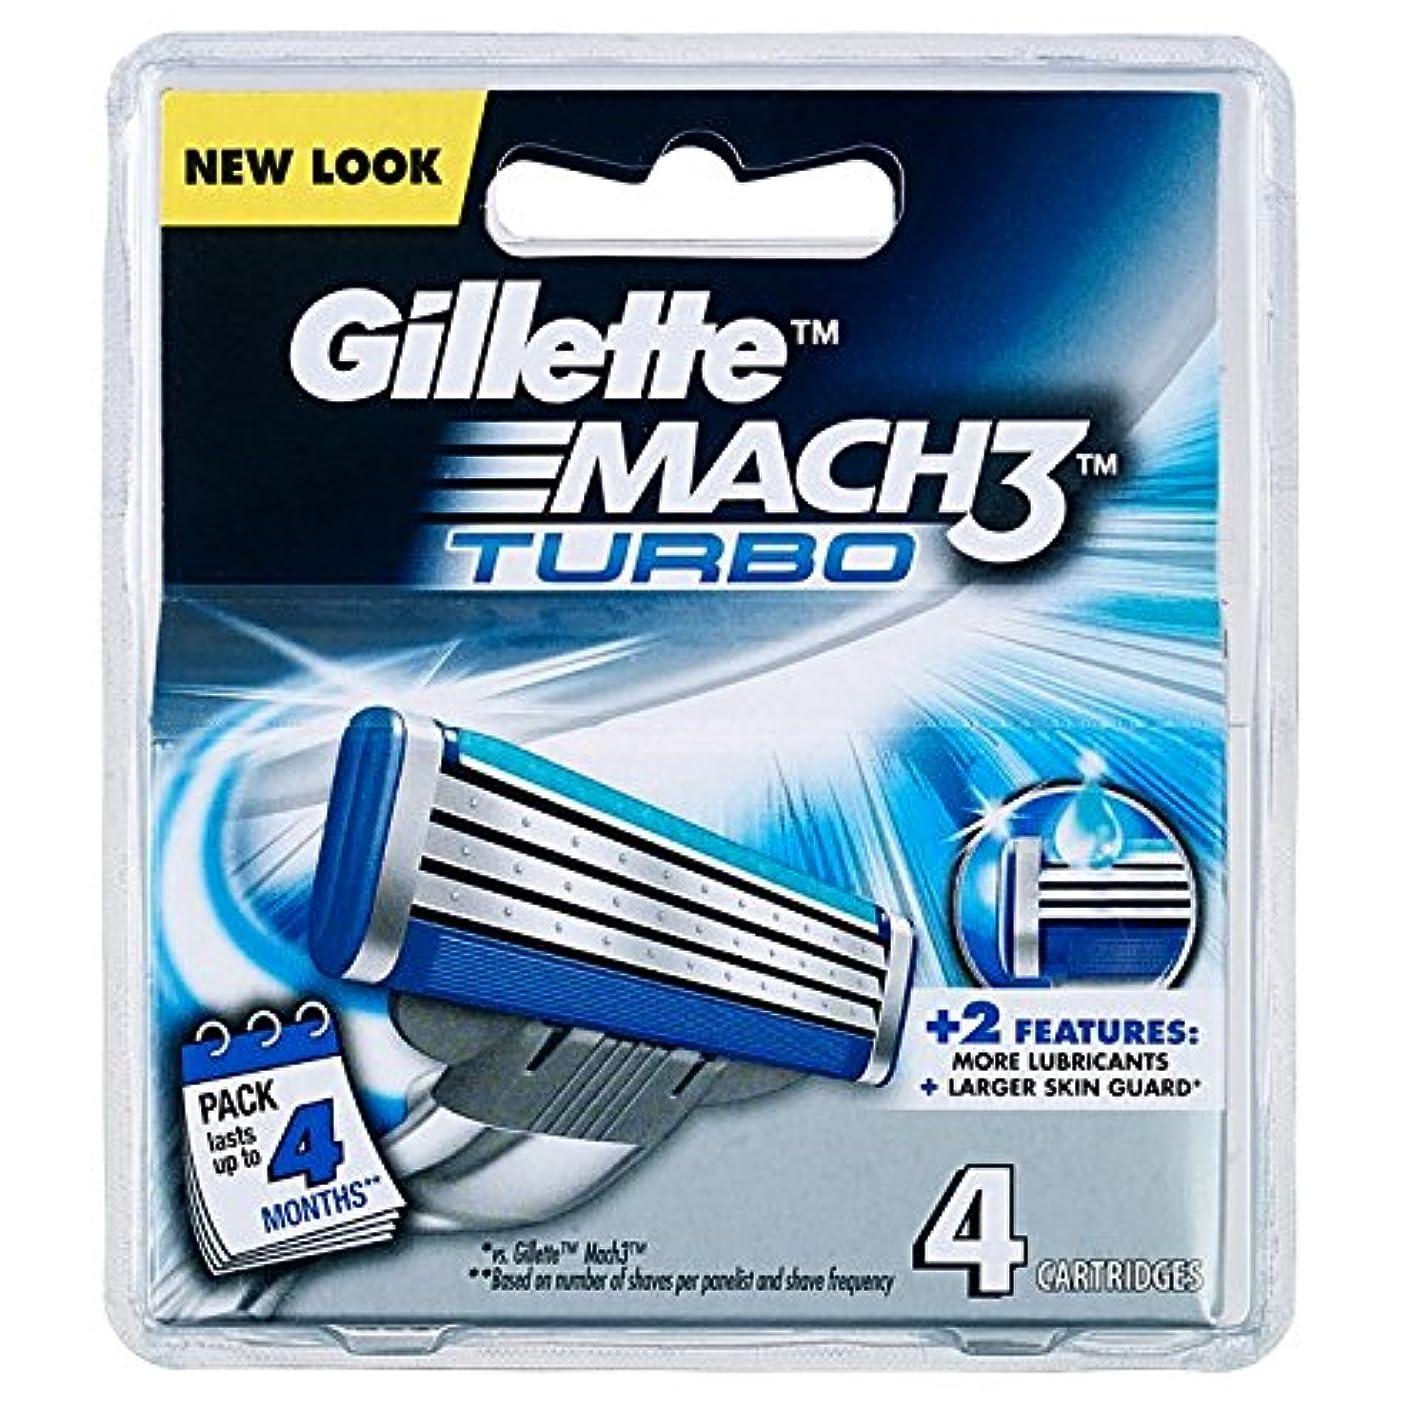 考案する気体のすべきGillette MACH3 Turbo SHAVING RAZOR CARTRIDGES BLADES 4 Pack [並行輸入品]